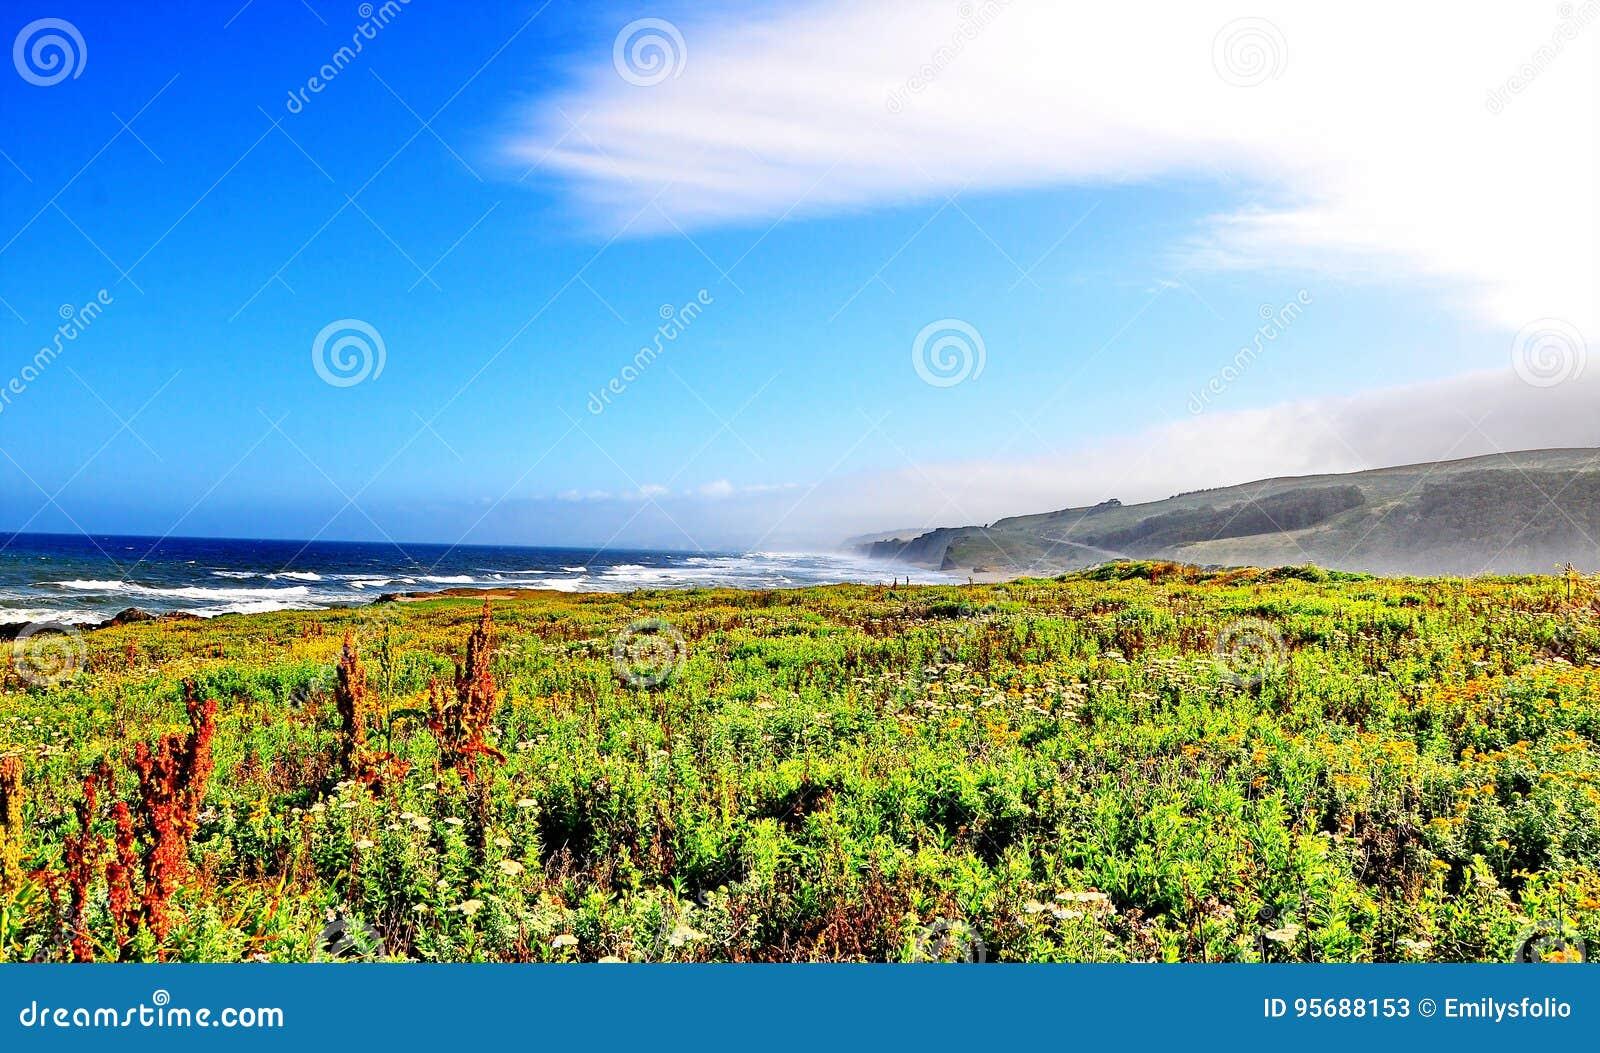 La carretera de la Costa del Pacífico en California